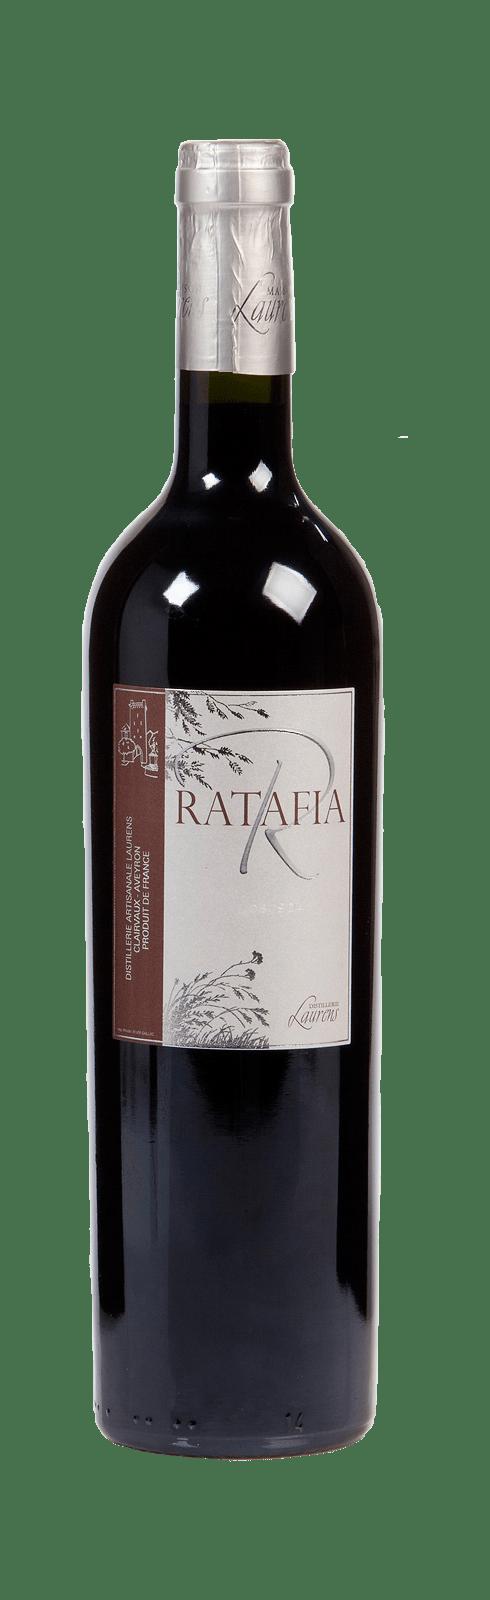 Ratafia rouge - 75cl